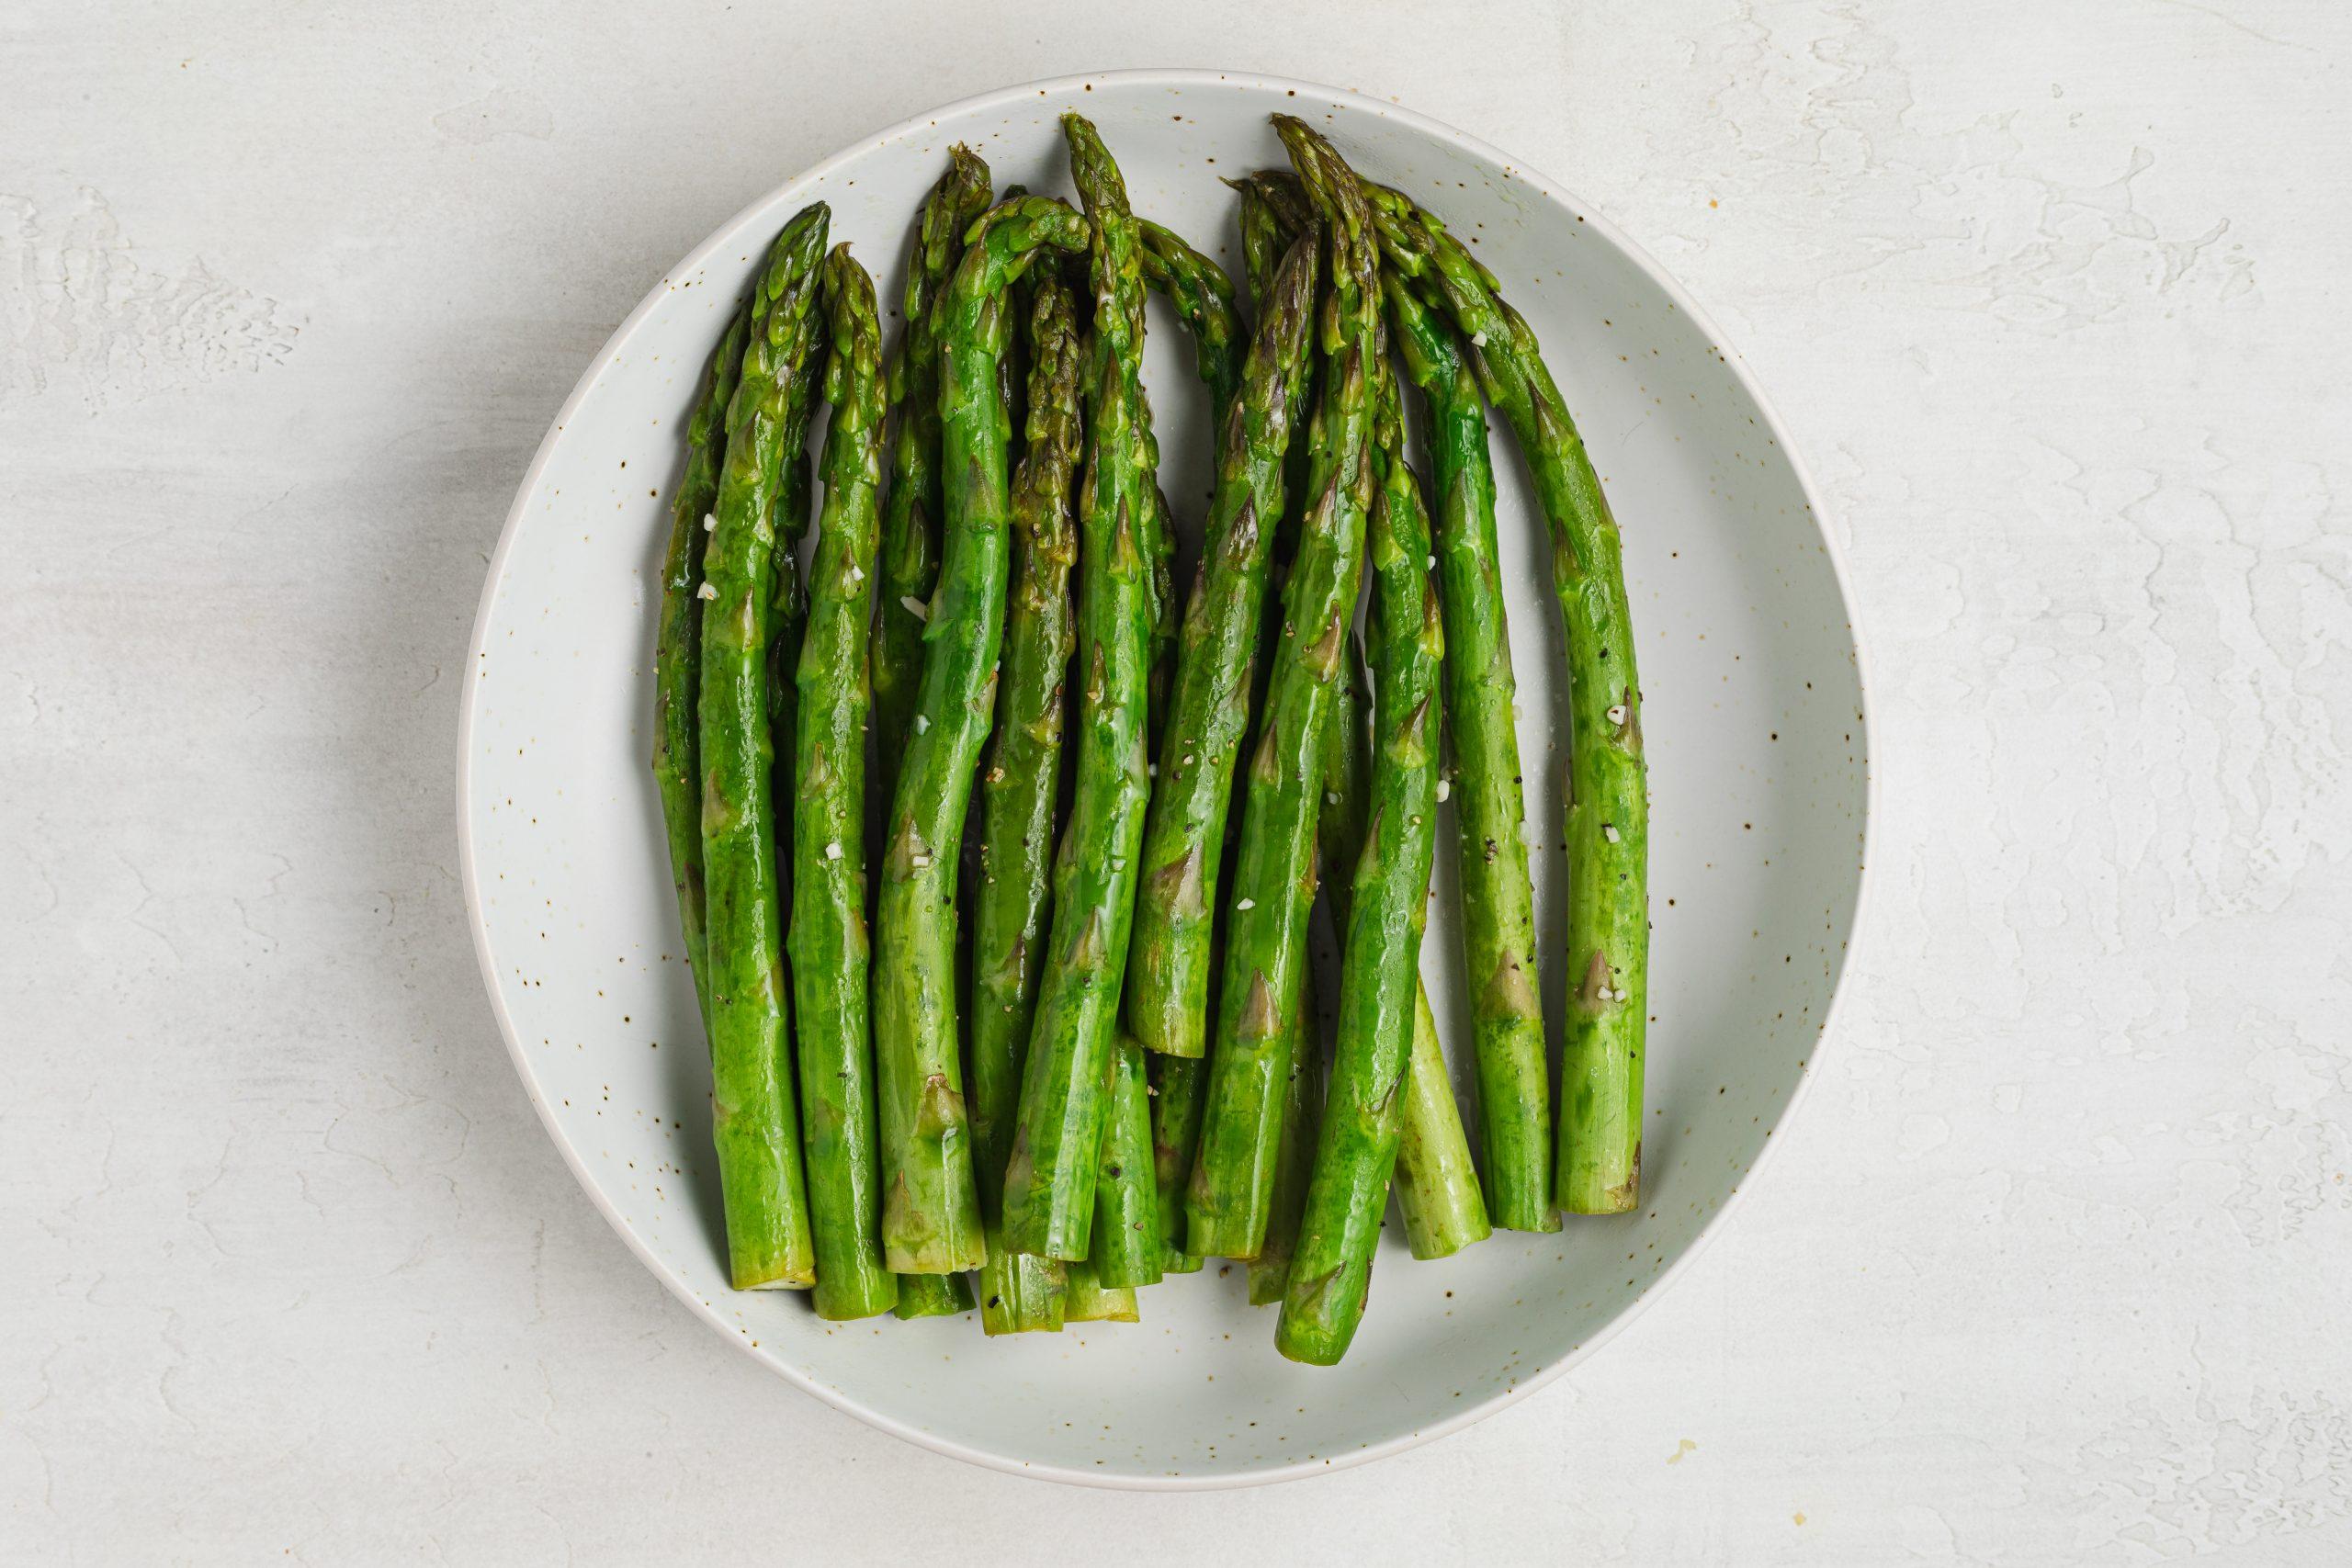 sous vide asparagus process photo 3